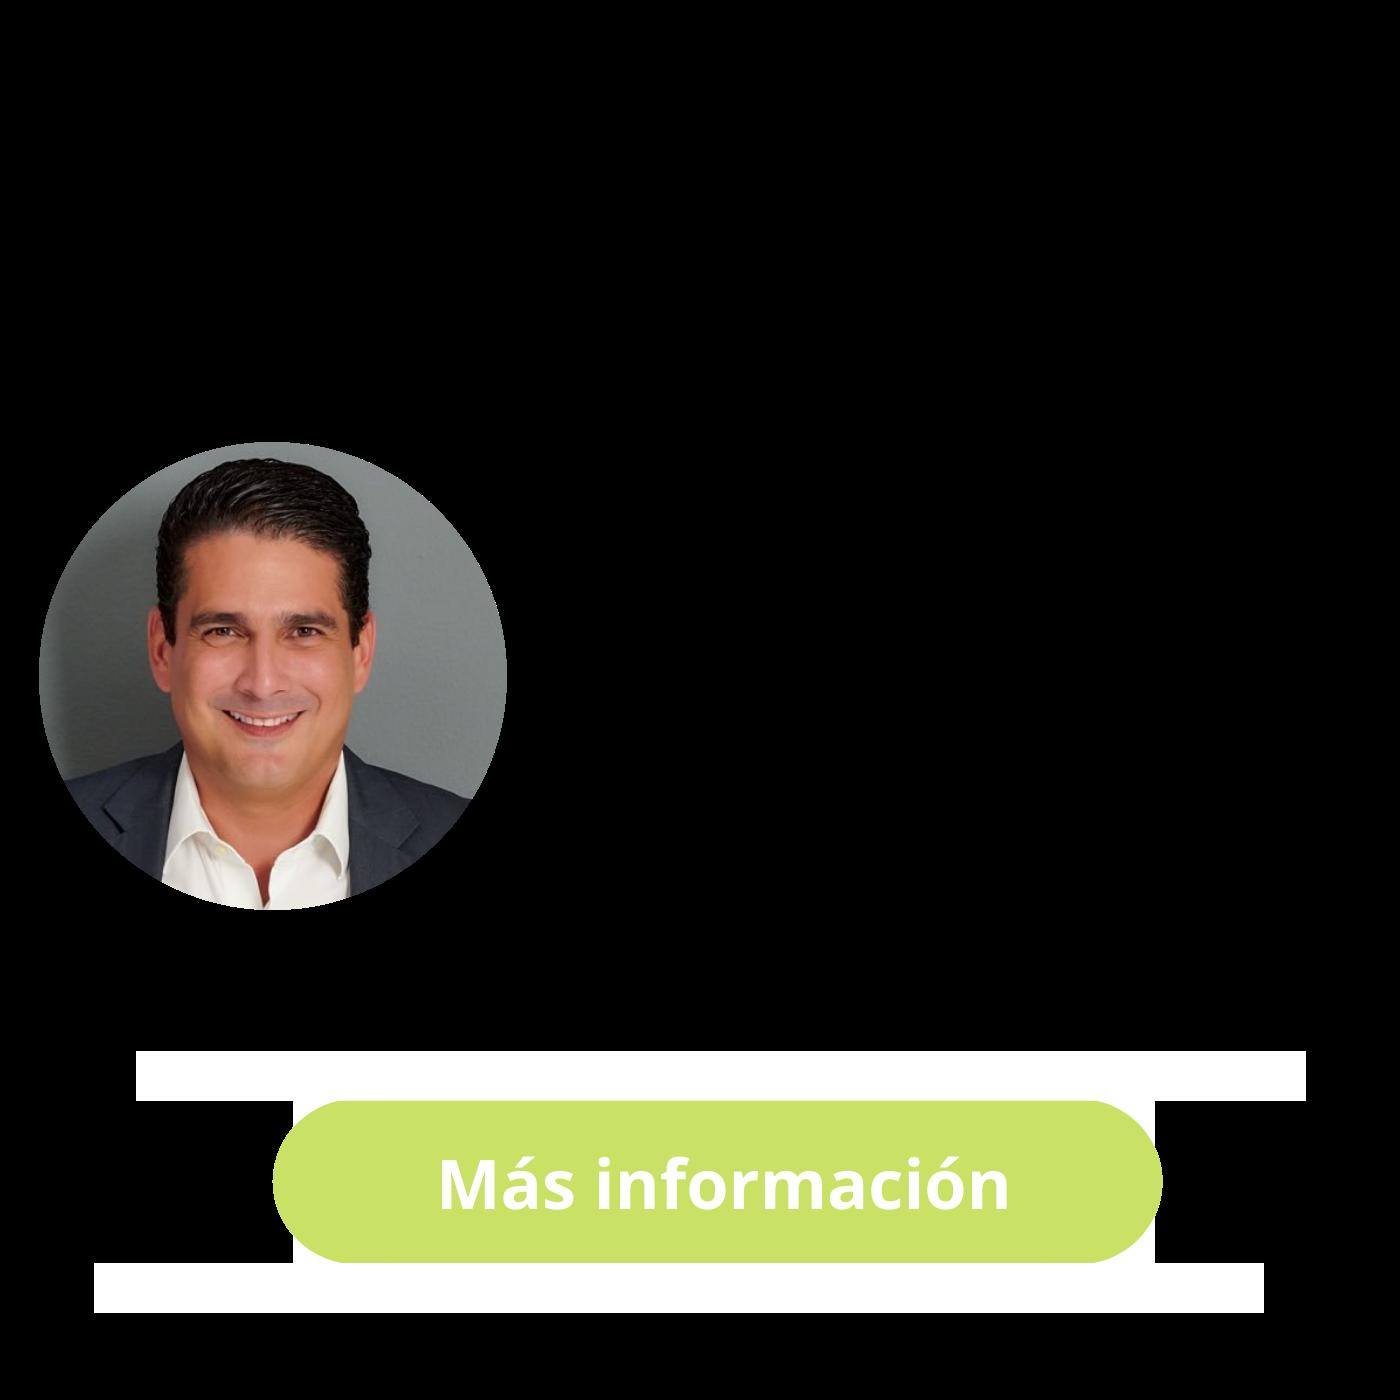 La Educación En Santa Tecla Un Referente En El Salvador. Newsletter. Infografía. Roberto d'Aubuisson. 2021